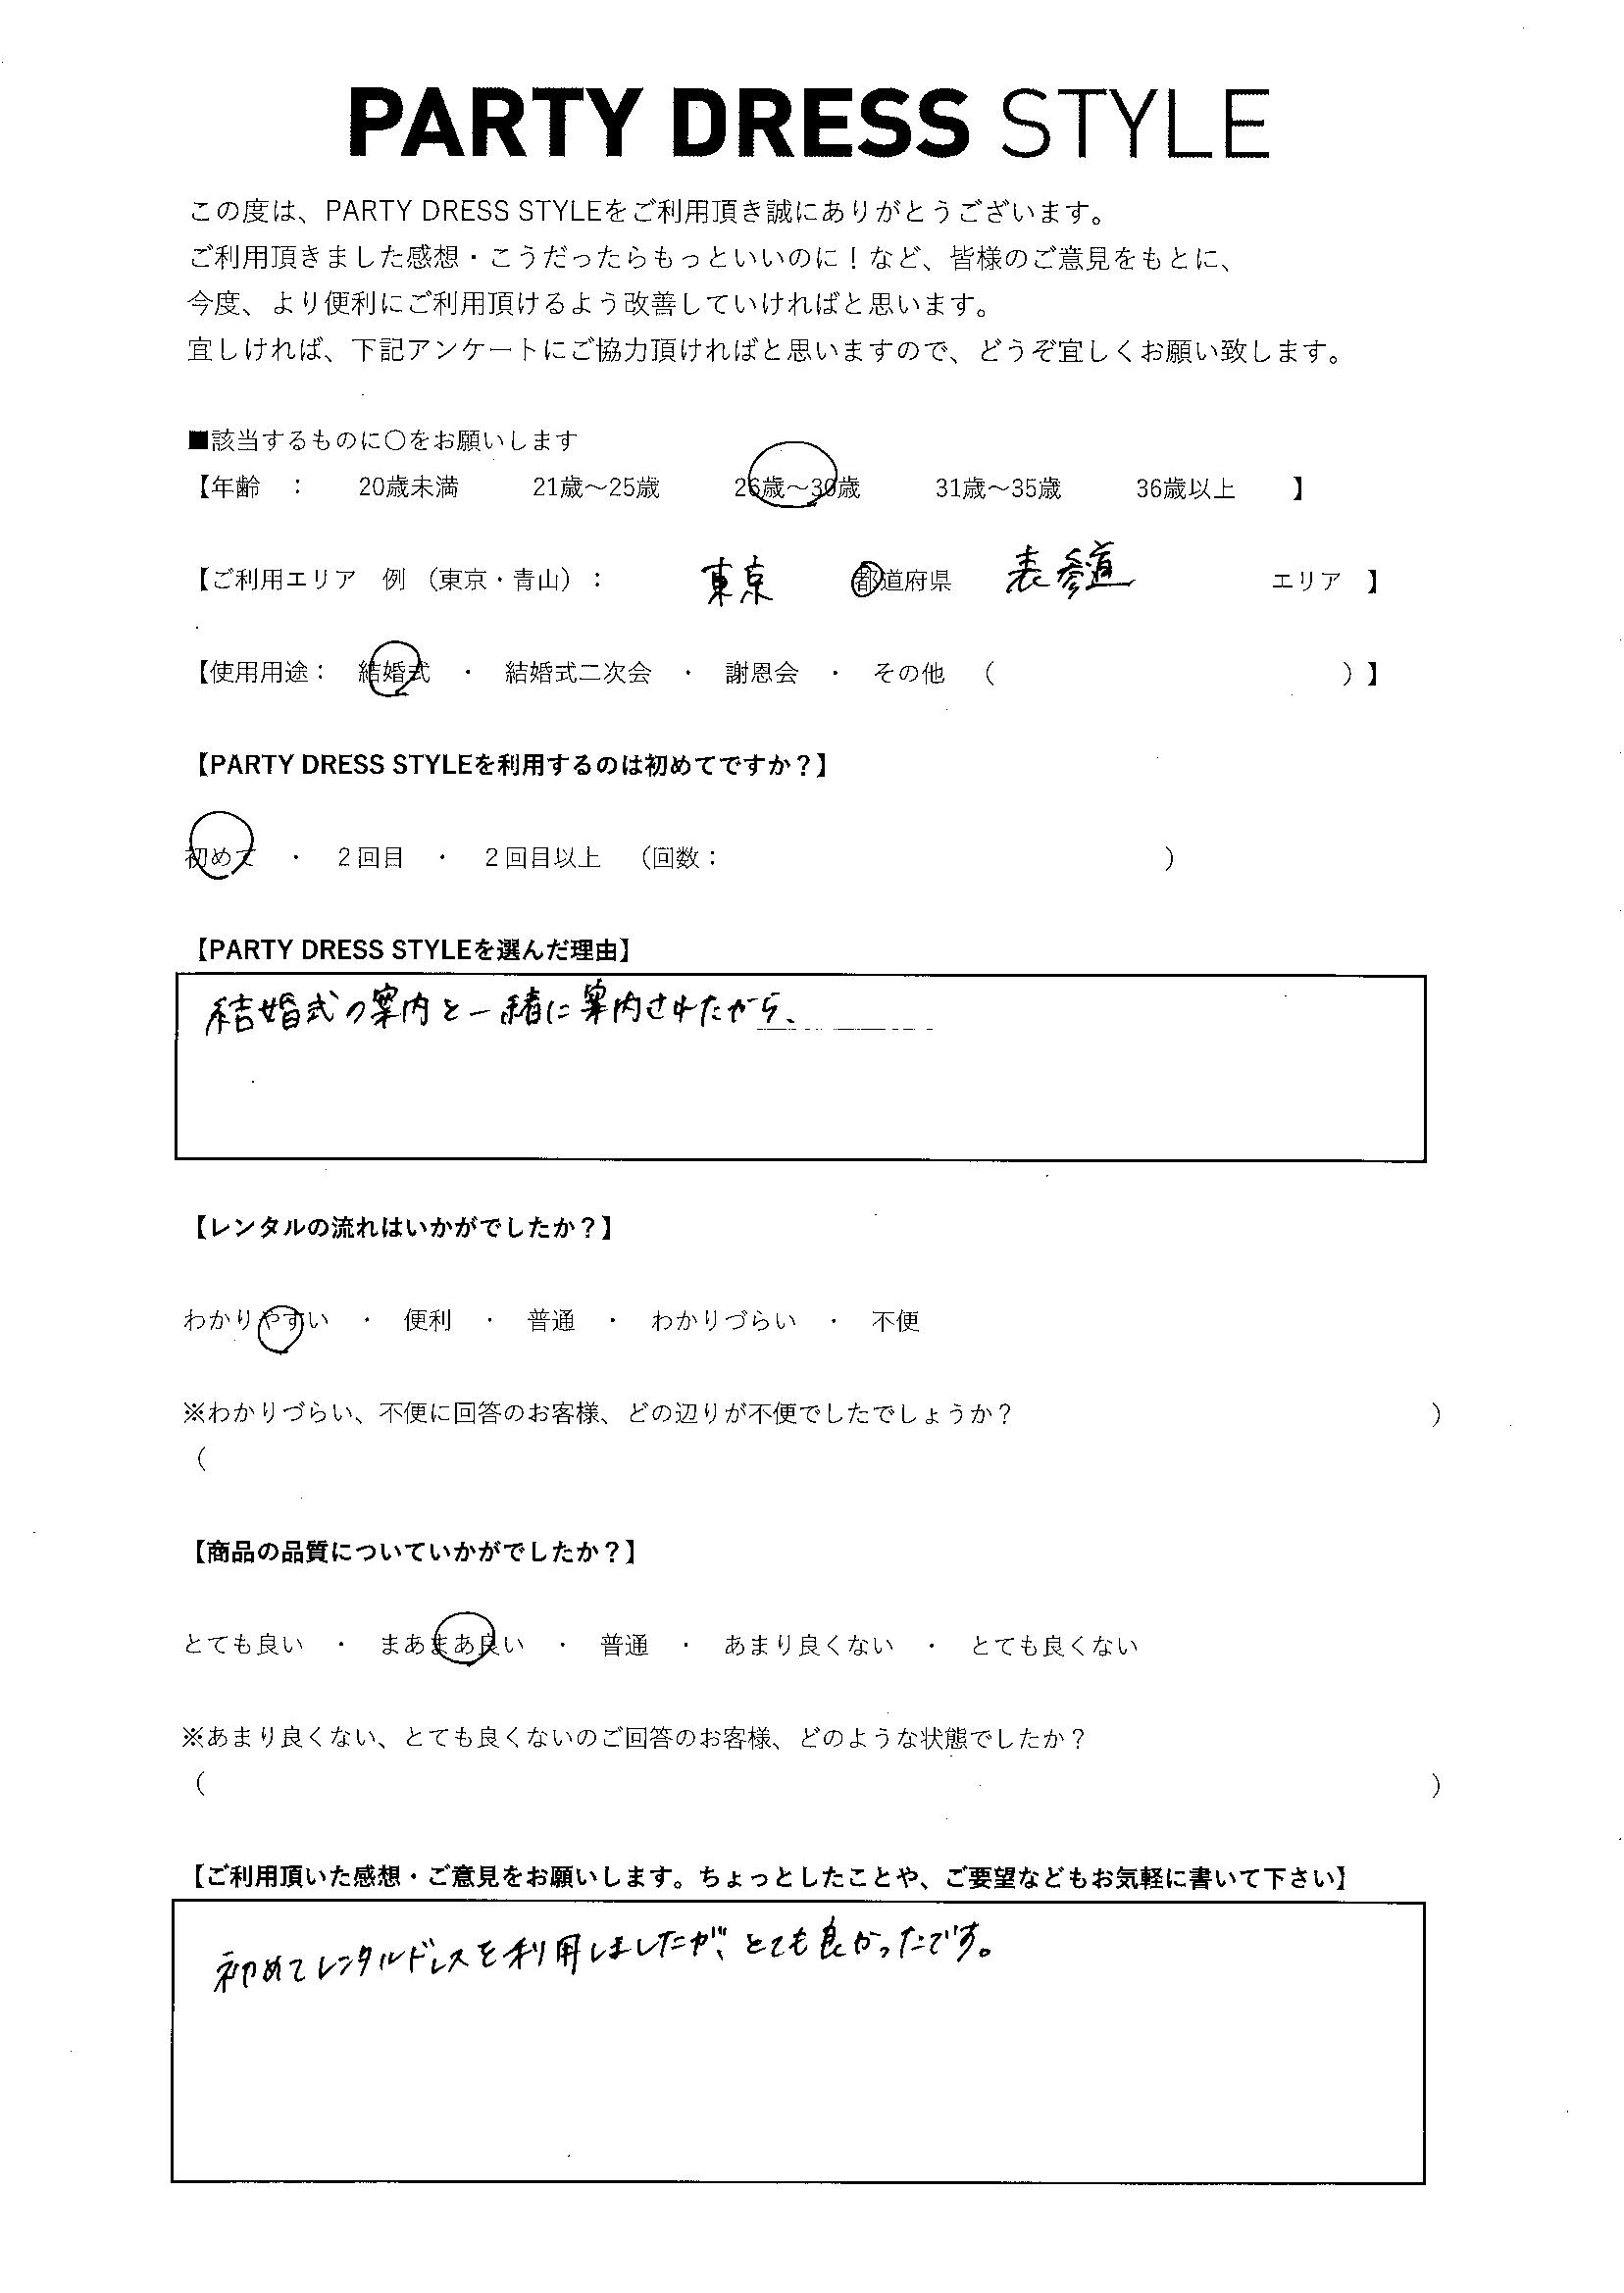 8/29結婚式ご利用 東京・表参道エリア